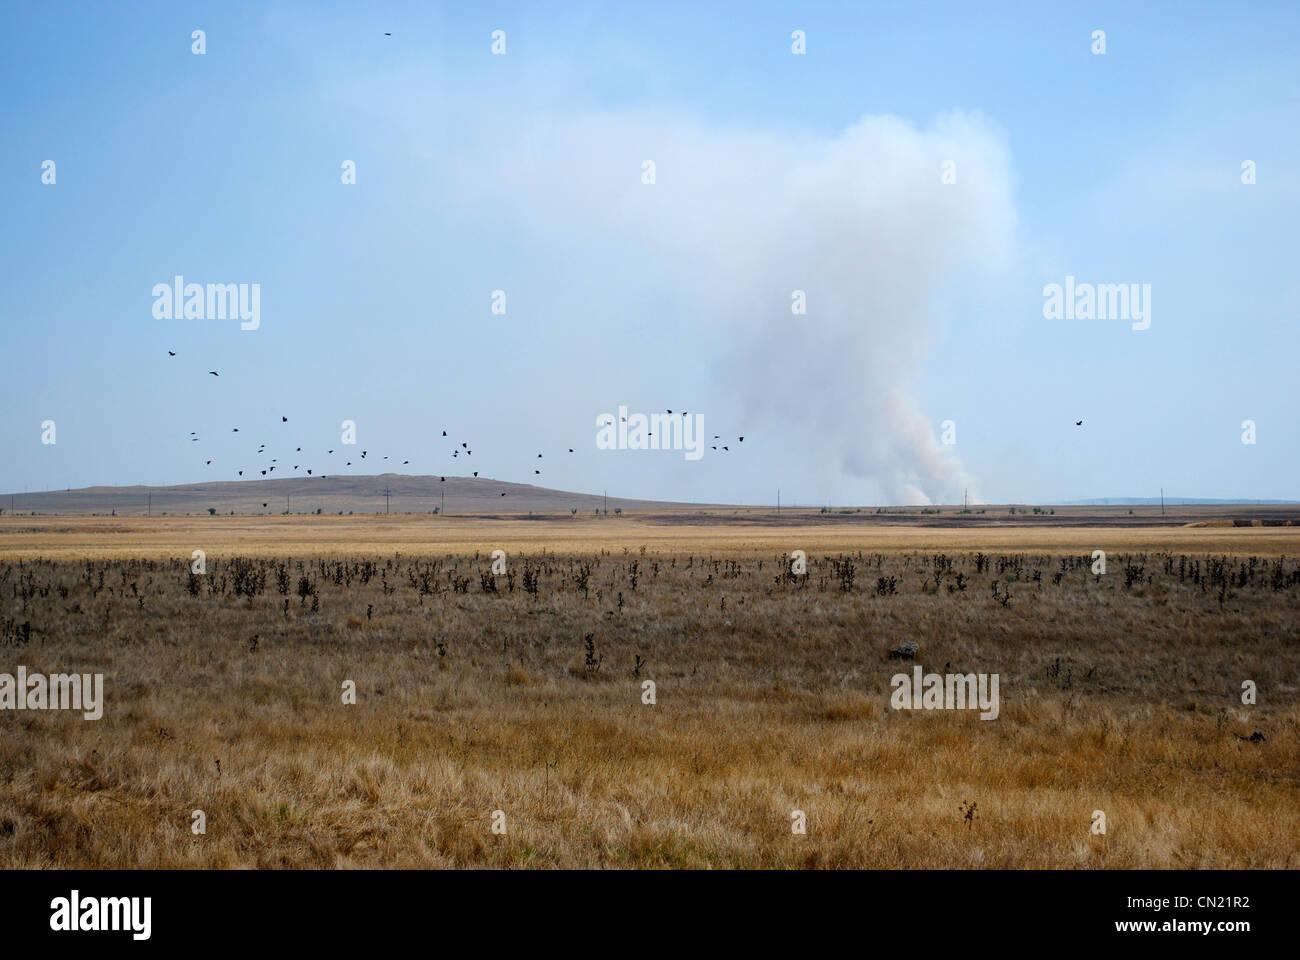 Ukraine. Autonomous Republic of Crimea. Landscape near Kerch. - Stock Image